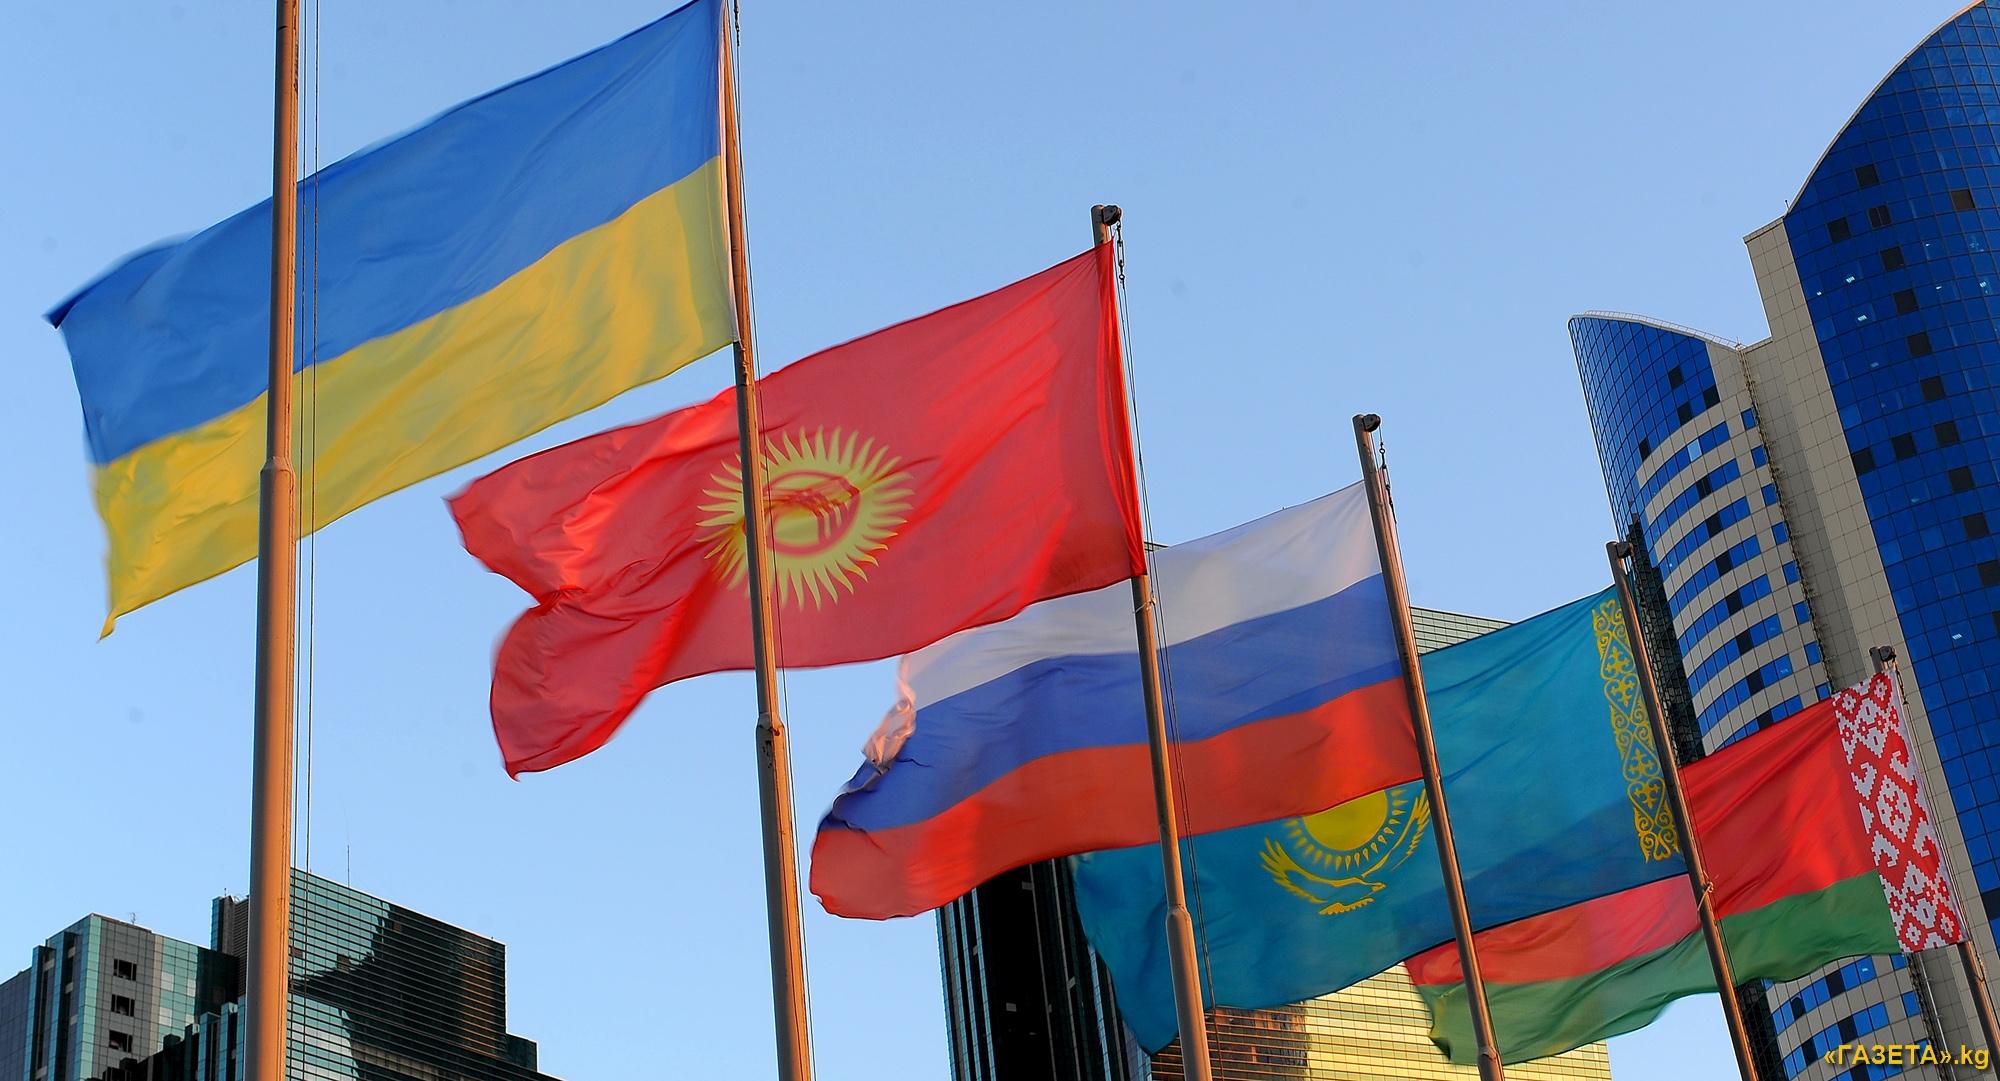 Джоомарт Оторбаев: «Подготовительные работы по присоединению Кыргызстана к Евразийскому экономическому союзу идут по графику»